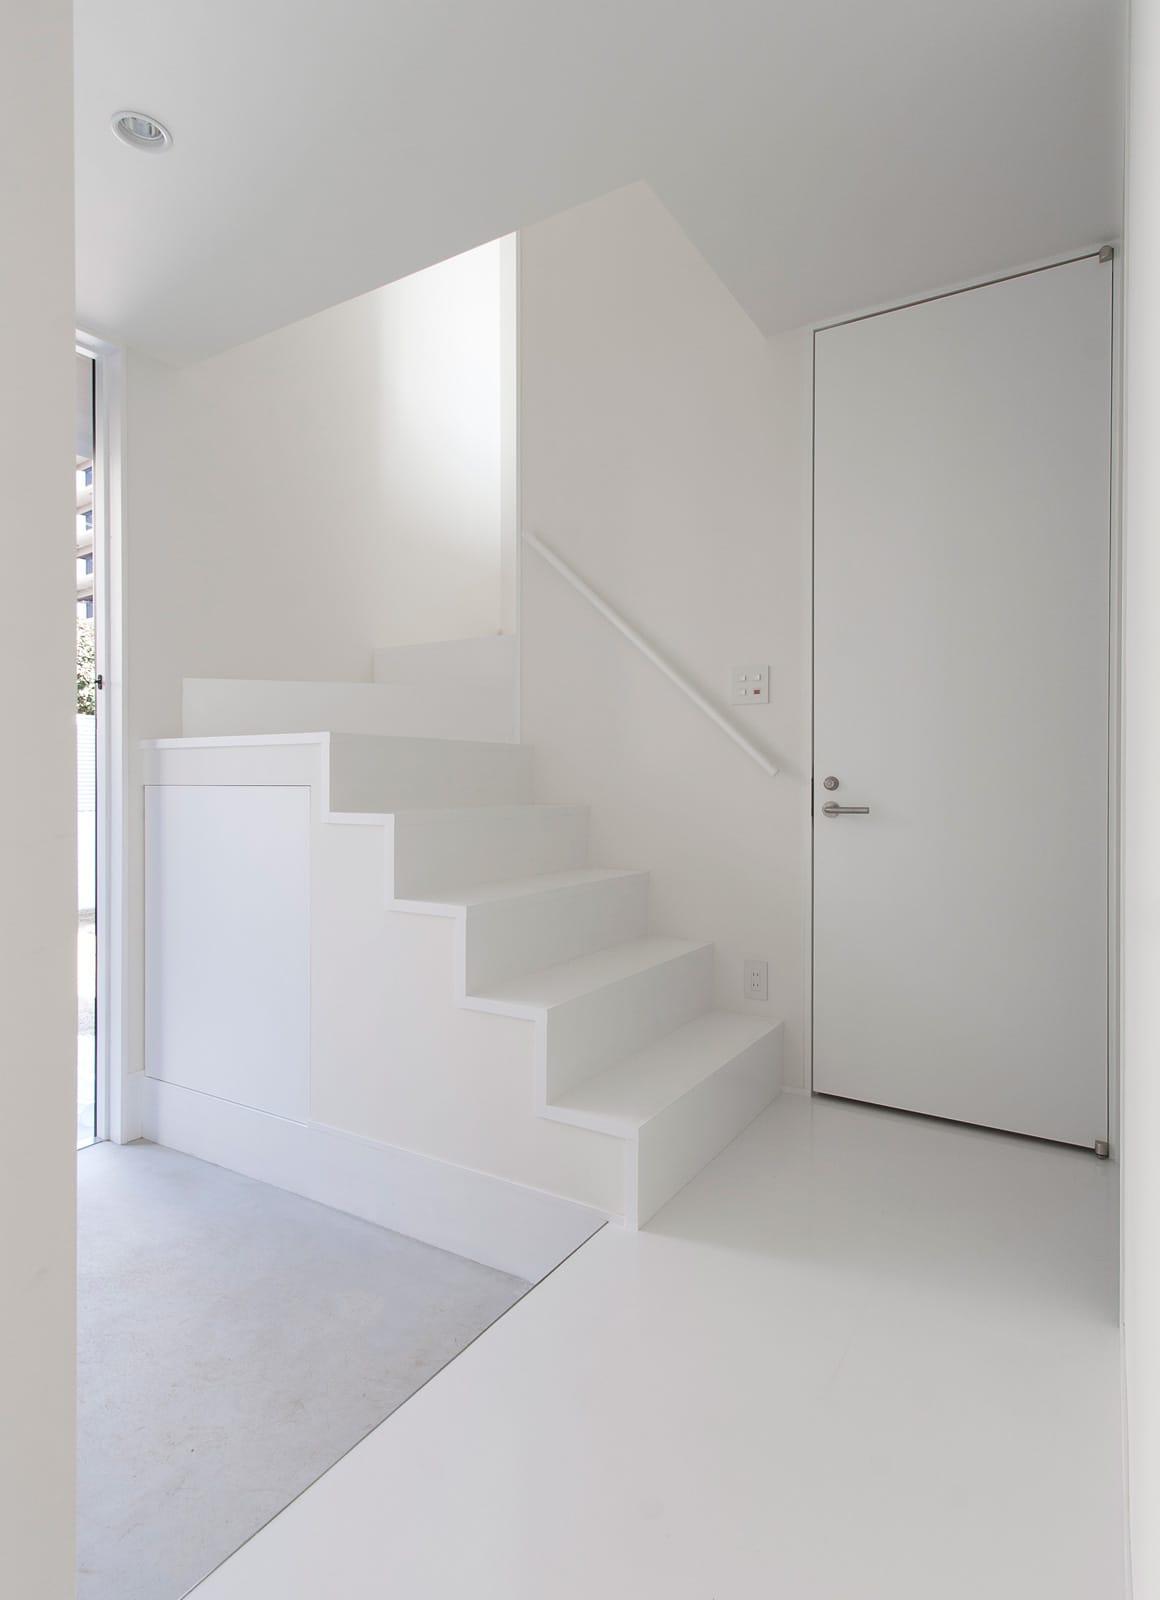 ホワイトキューブハウスの階段(木製)1